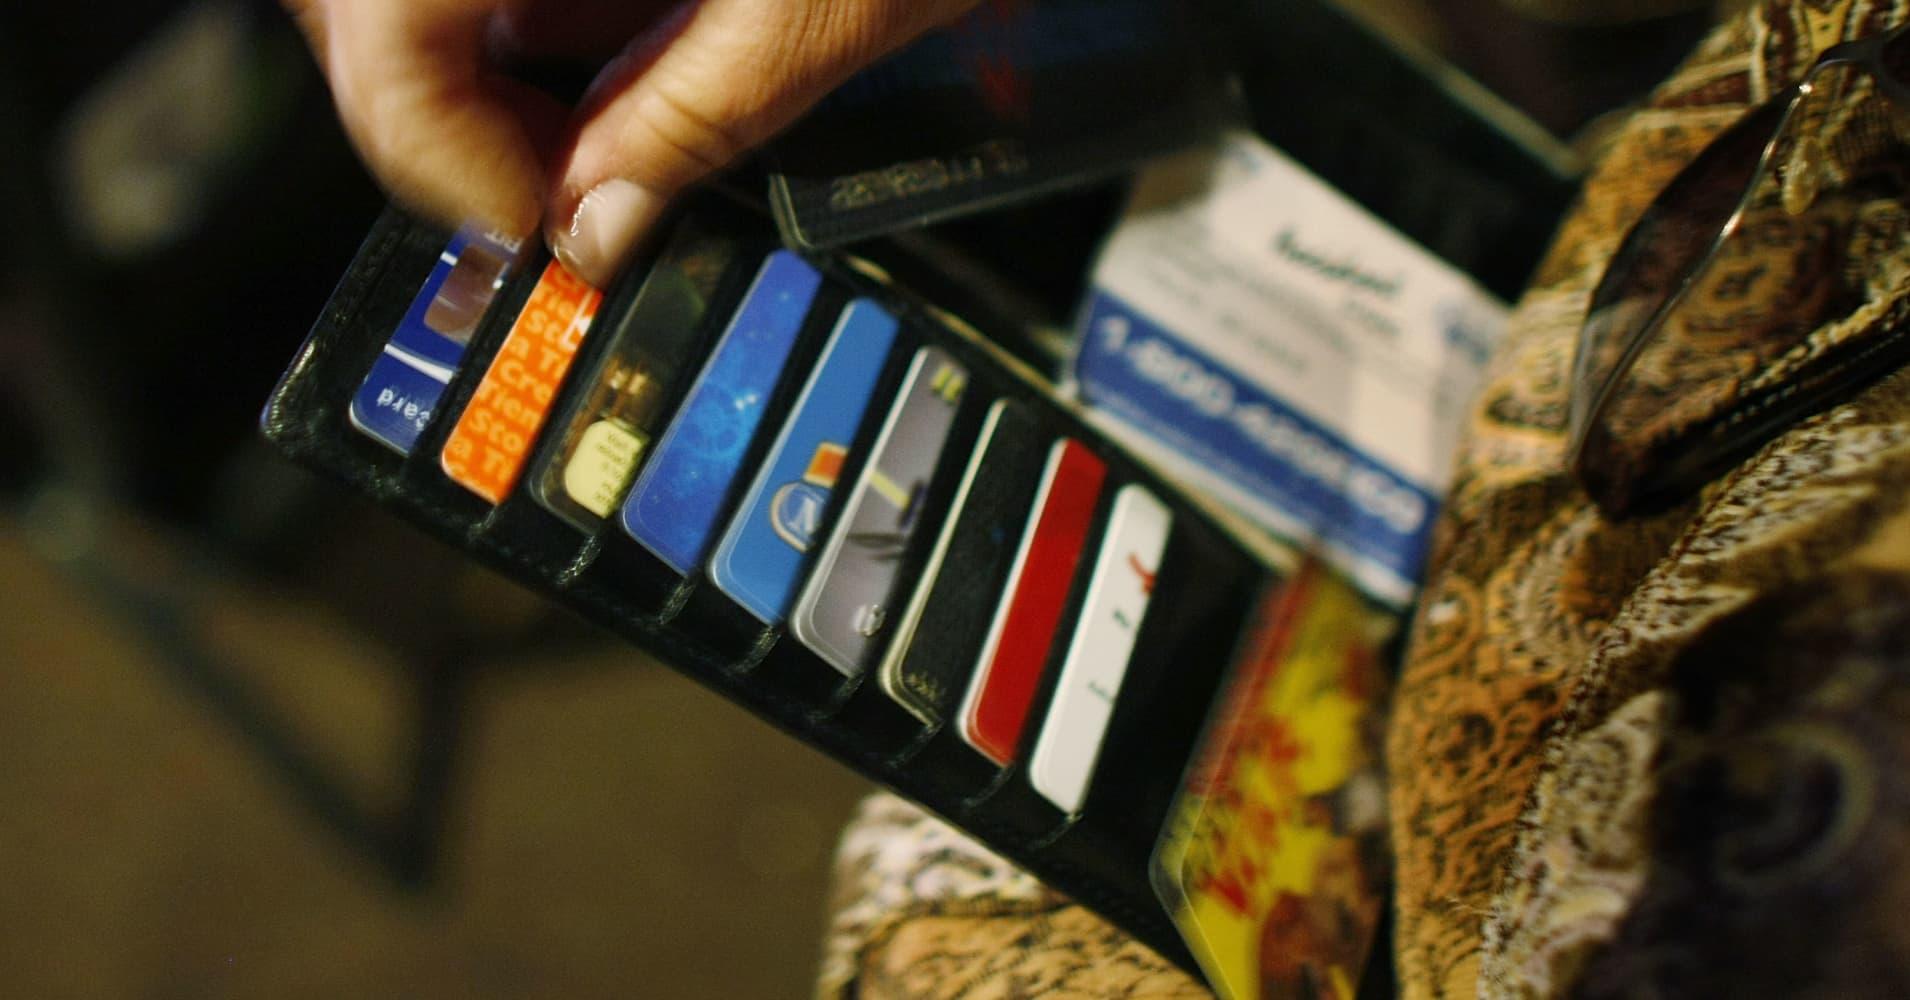 刷卡換現金避免不法盜刷